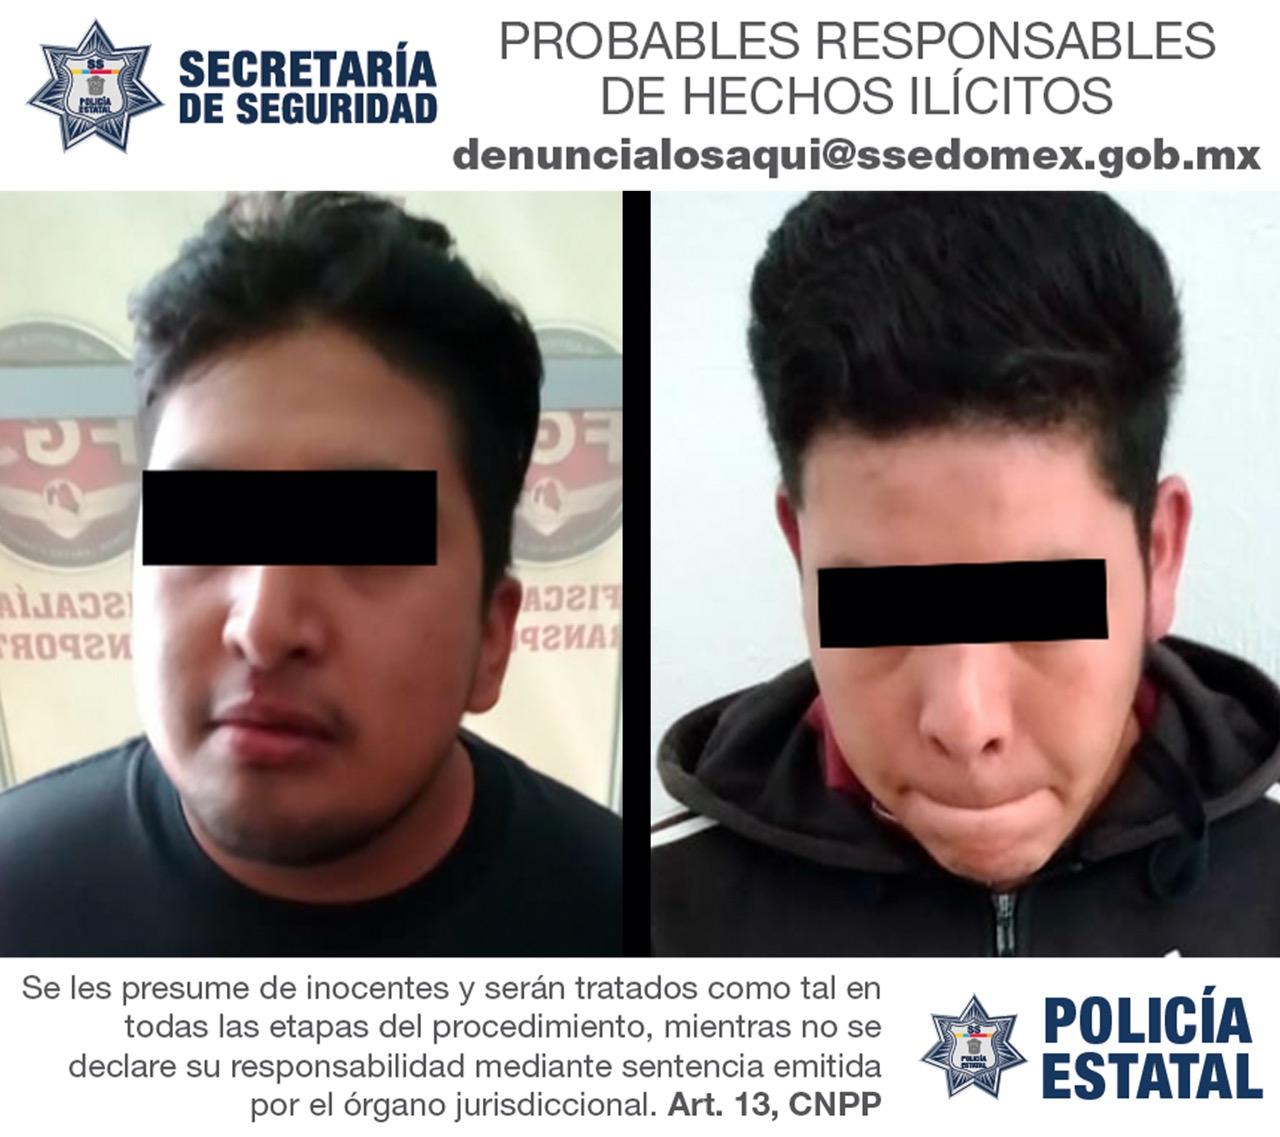 ARRESTAN A DOS PROBABLES RESPONSABLES DEL DELITO DE ROBO CON VIOLENCIA